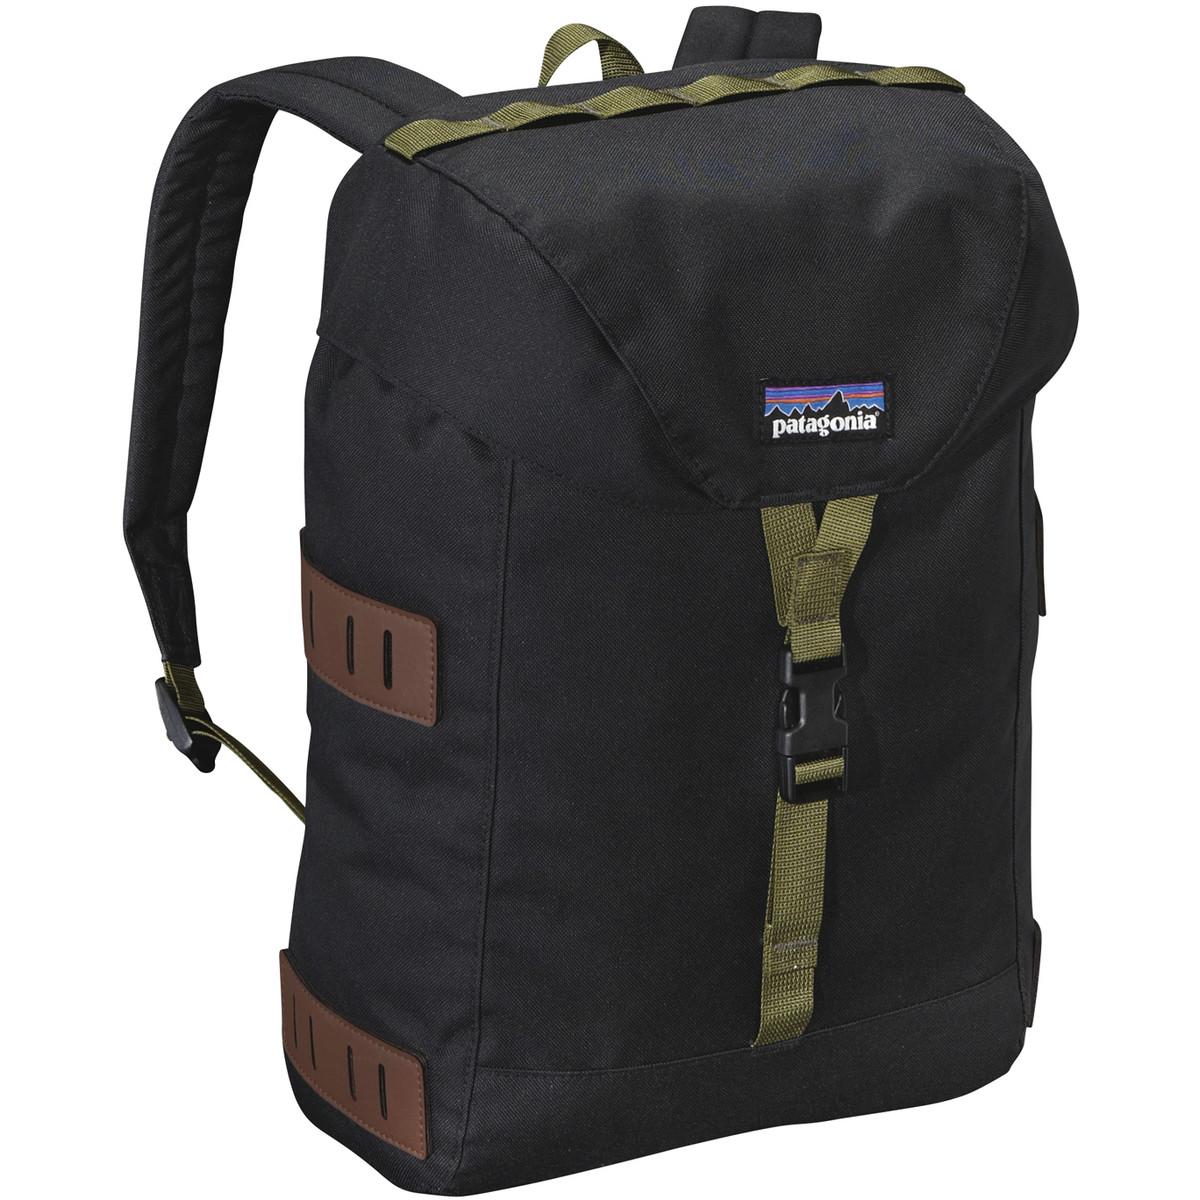 Patagonia Bonsai Pack 14L